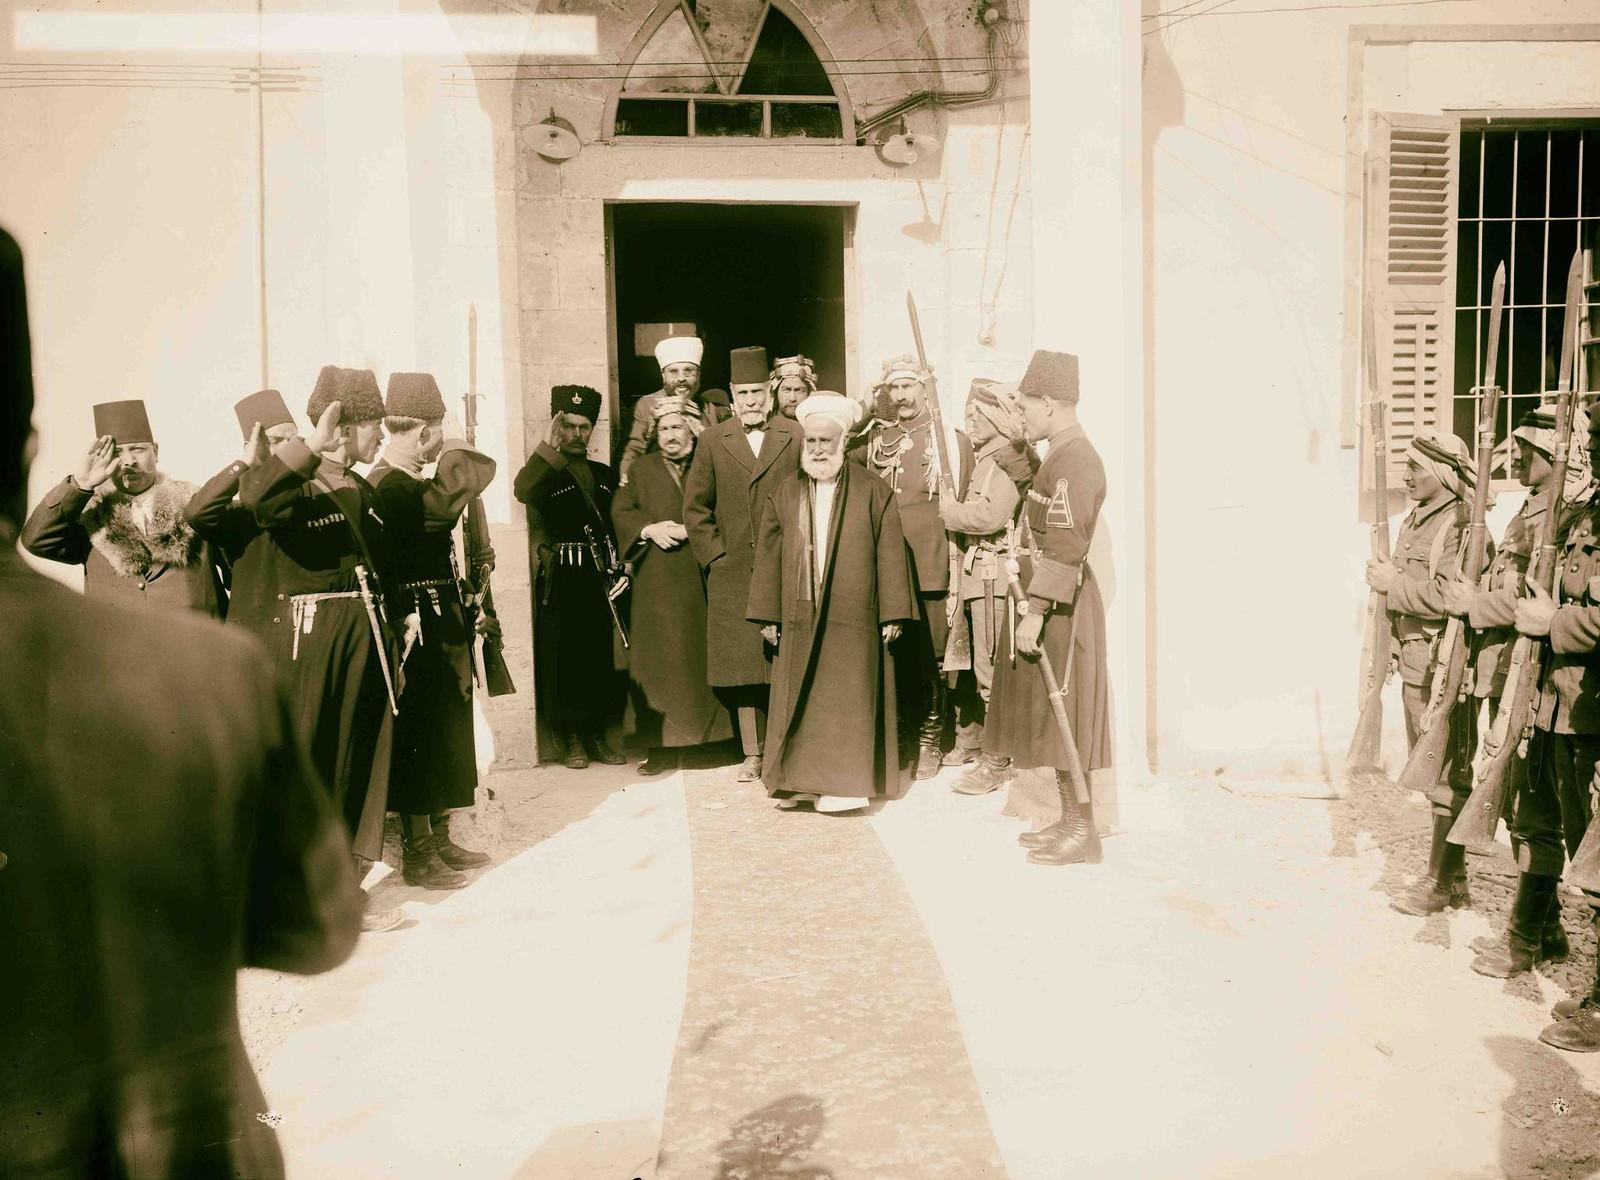 14. Его Величество король Хиджаза Хусейн ибн Али аль-Хашими в Аммане.